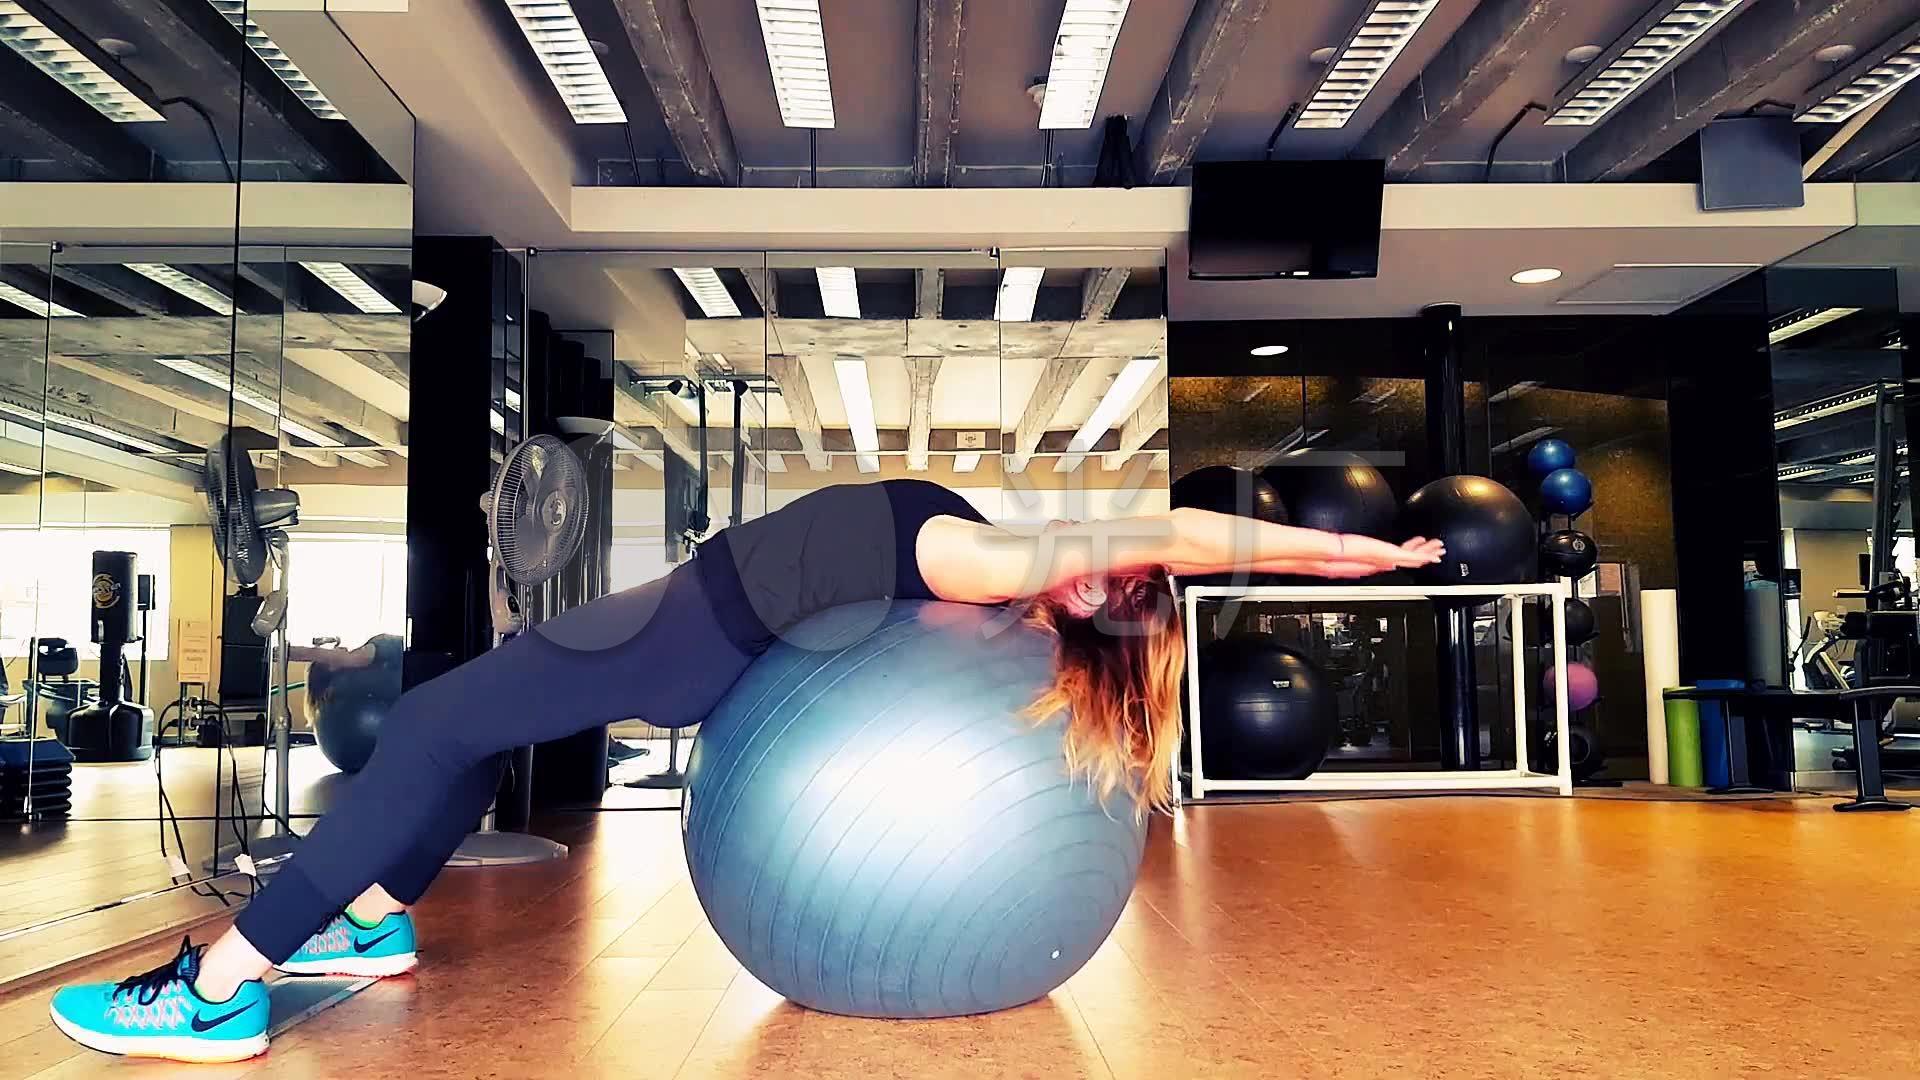 瑜伽球瑜伽锻炼美女教练_1920X1080_高清视